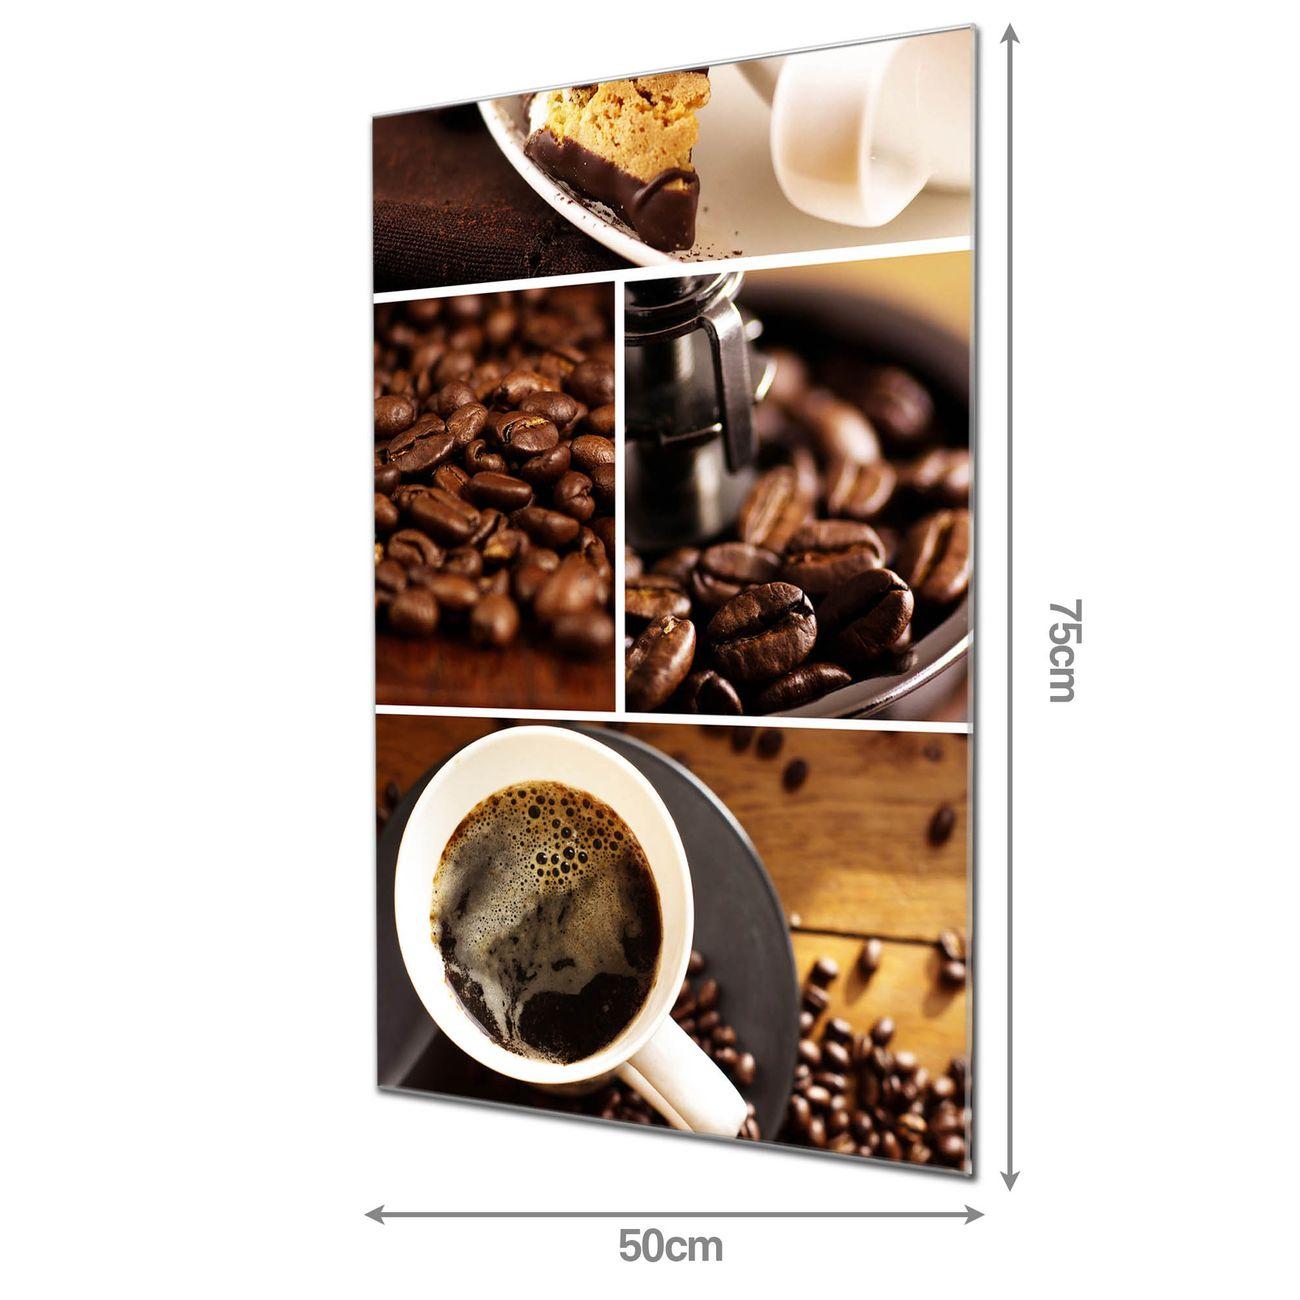 Glas Magnettafel im Hochformat Kaffee&Schokolade